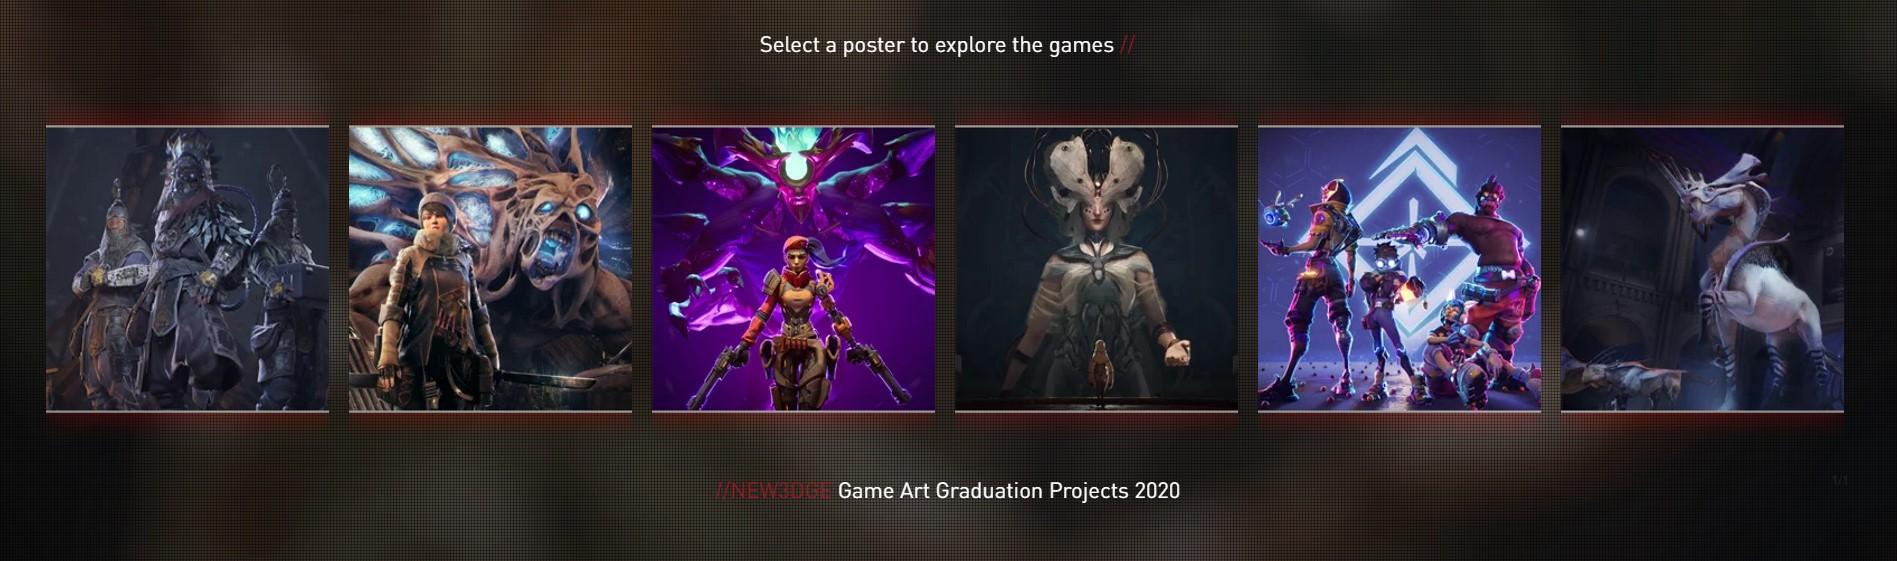 PROJETS DE FIN D ETUDES GAME ART 2020